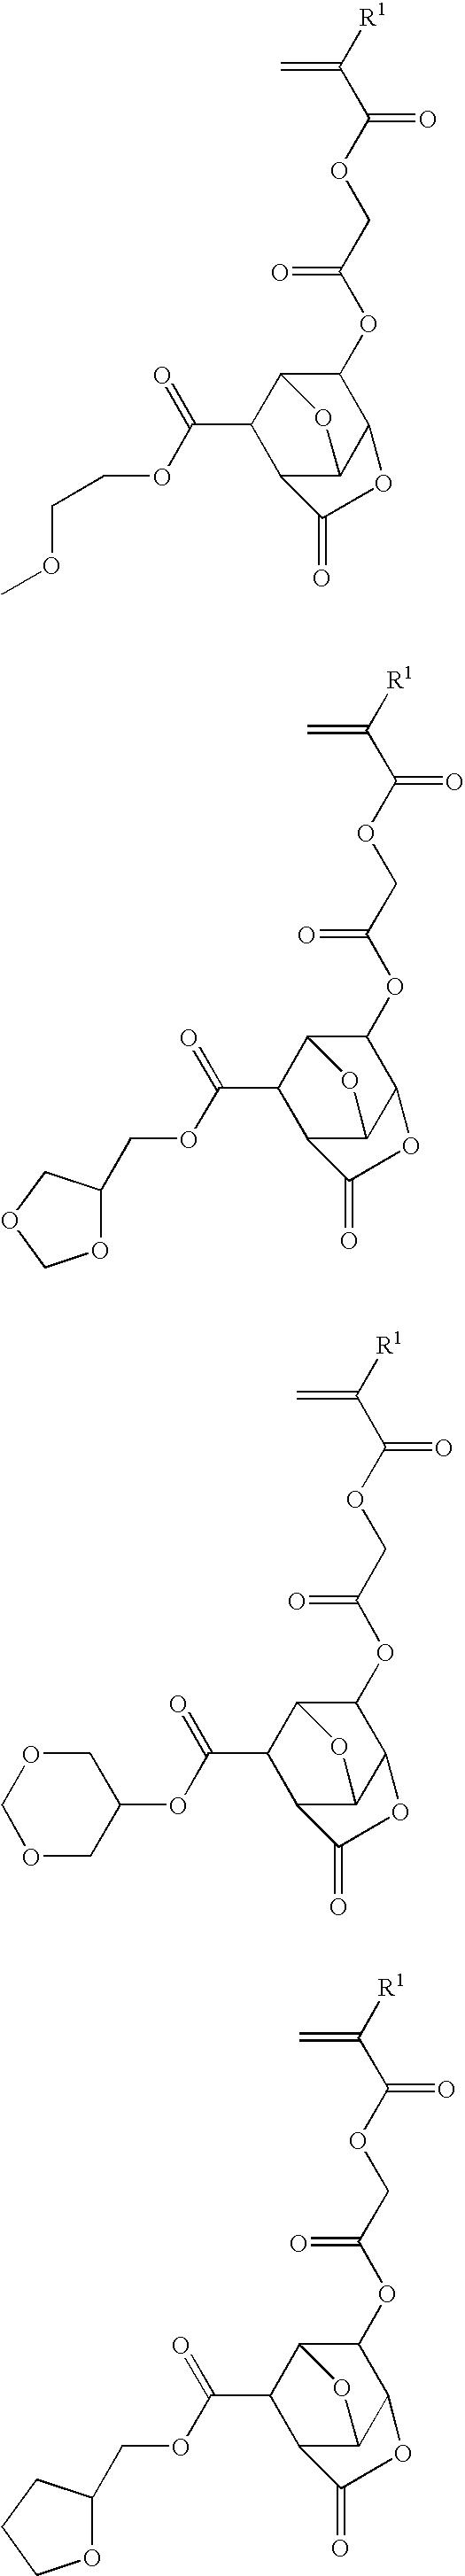 Figure US20080026331A1-20080131-C00014